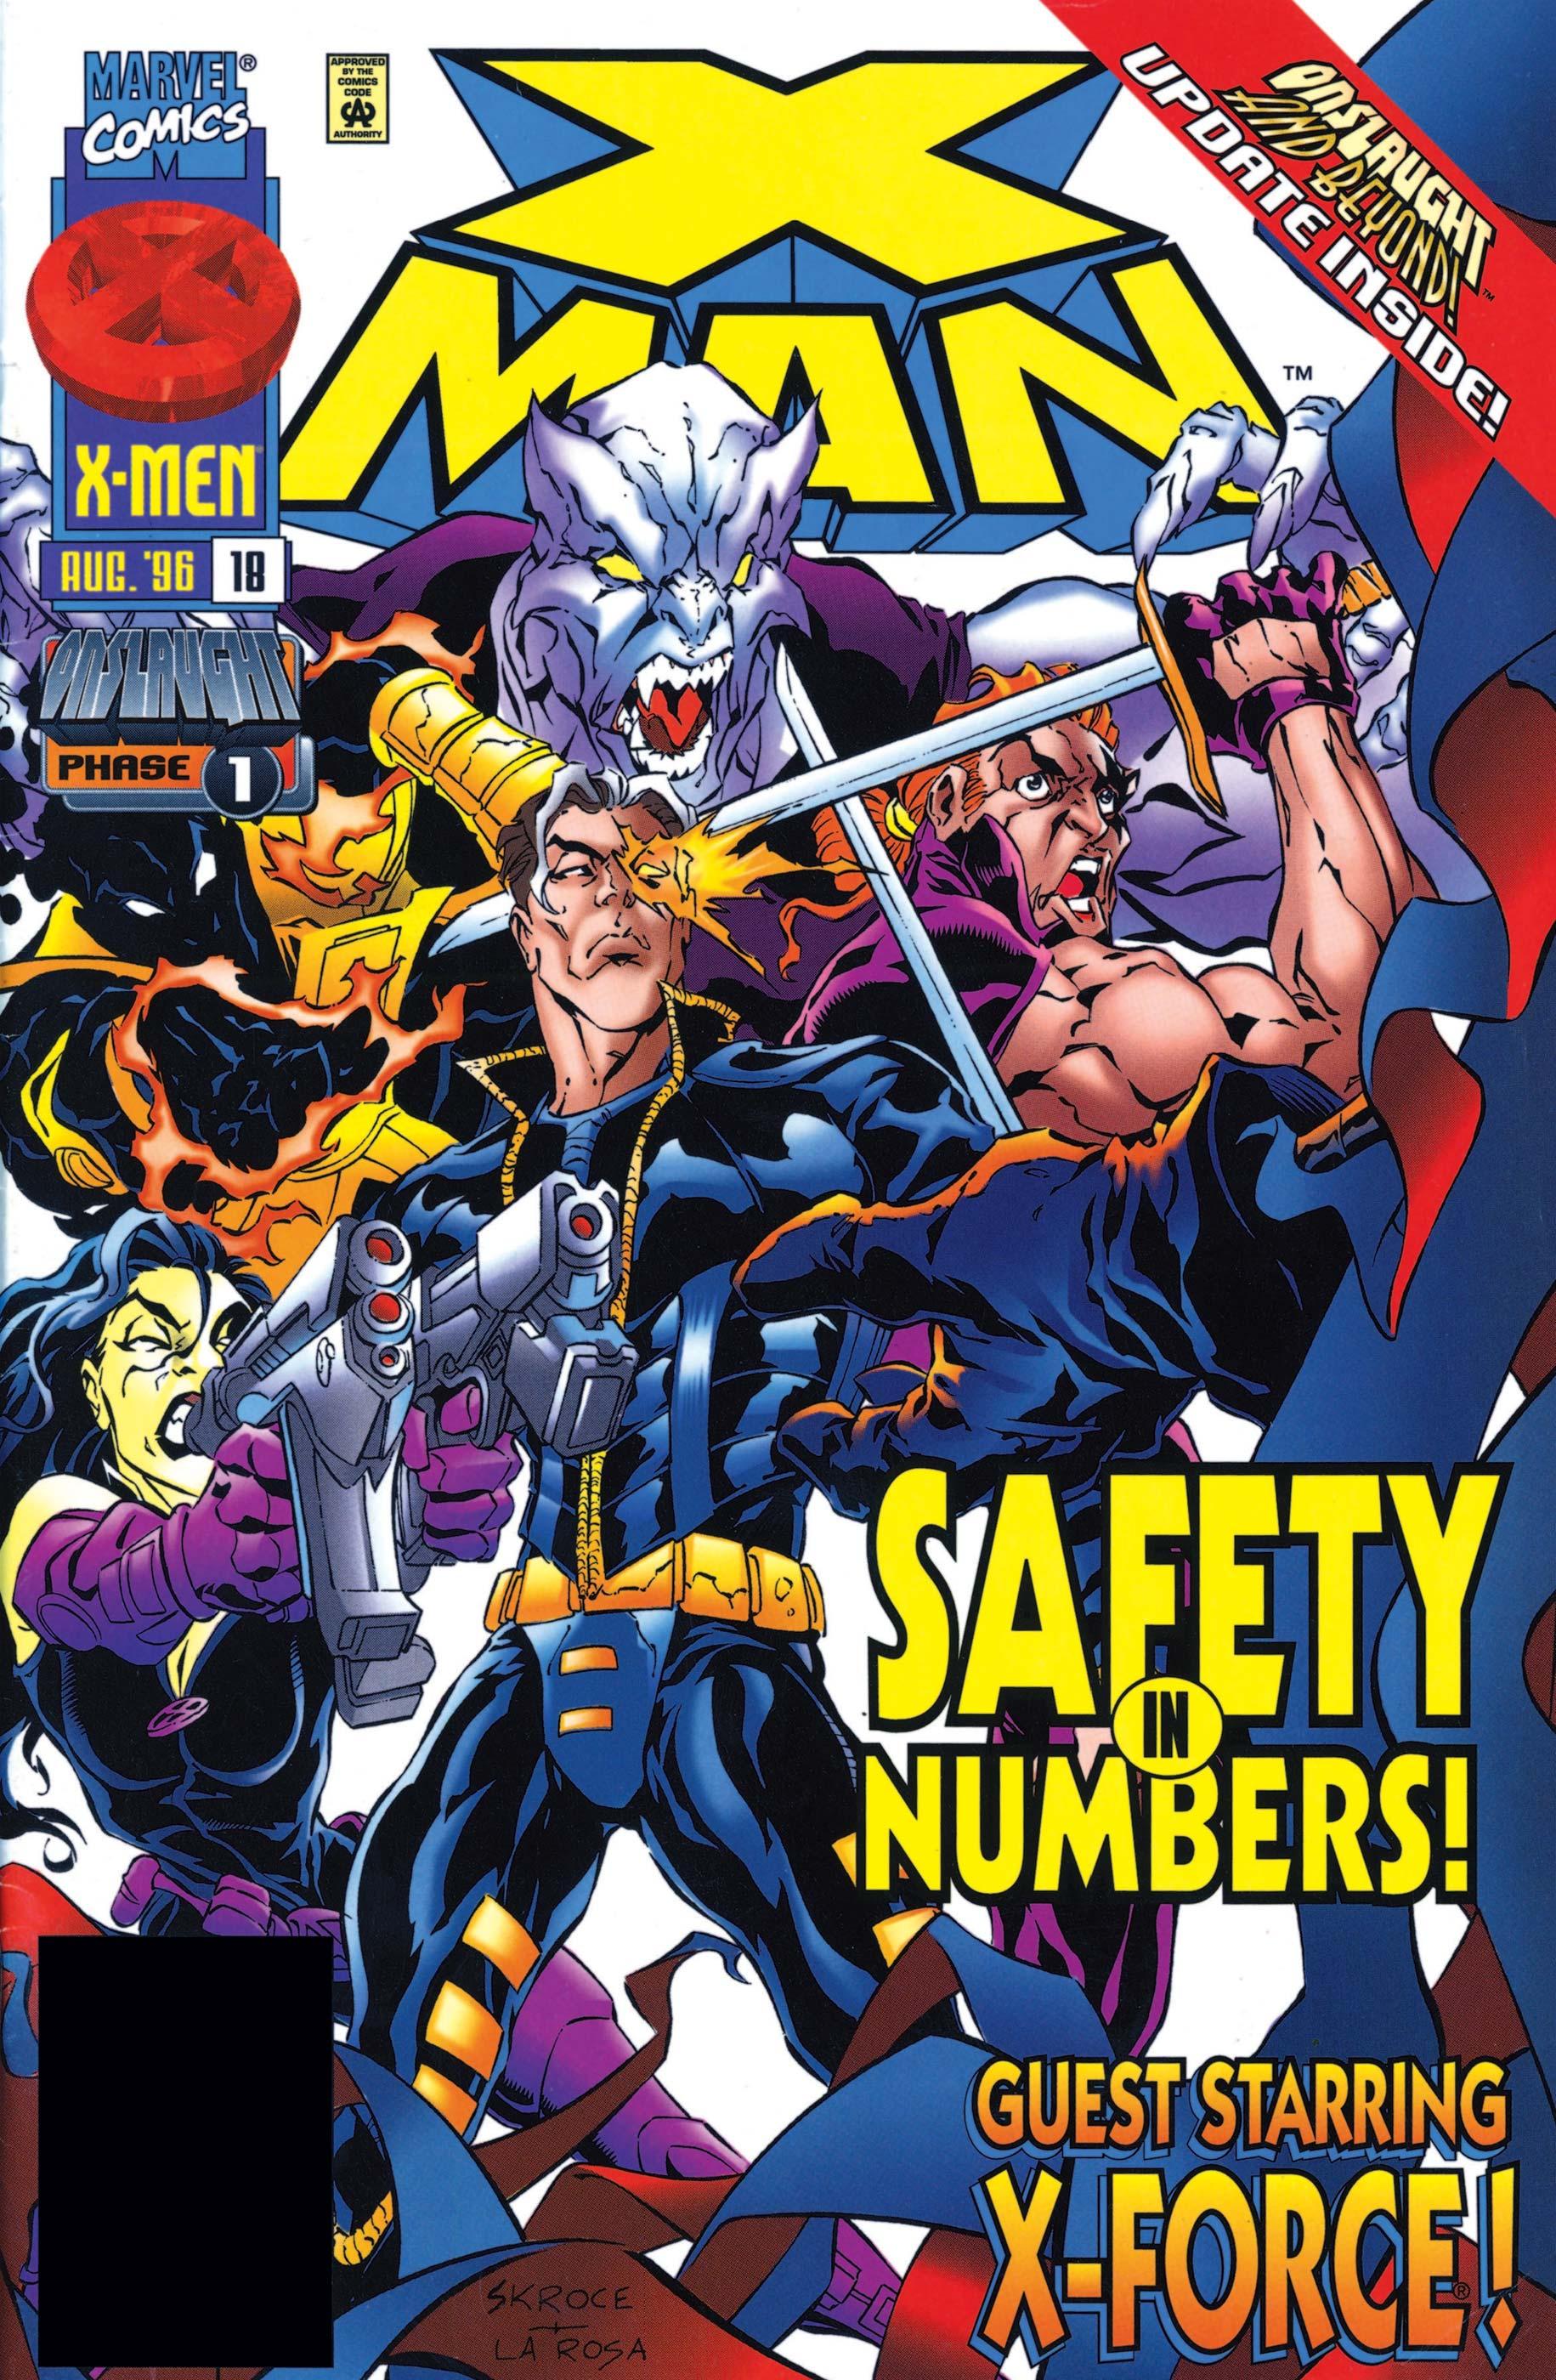 X-Man (1995) #18